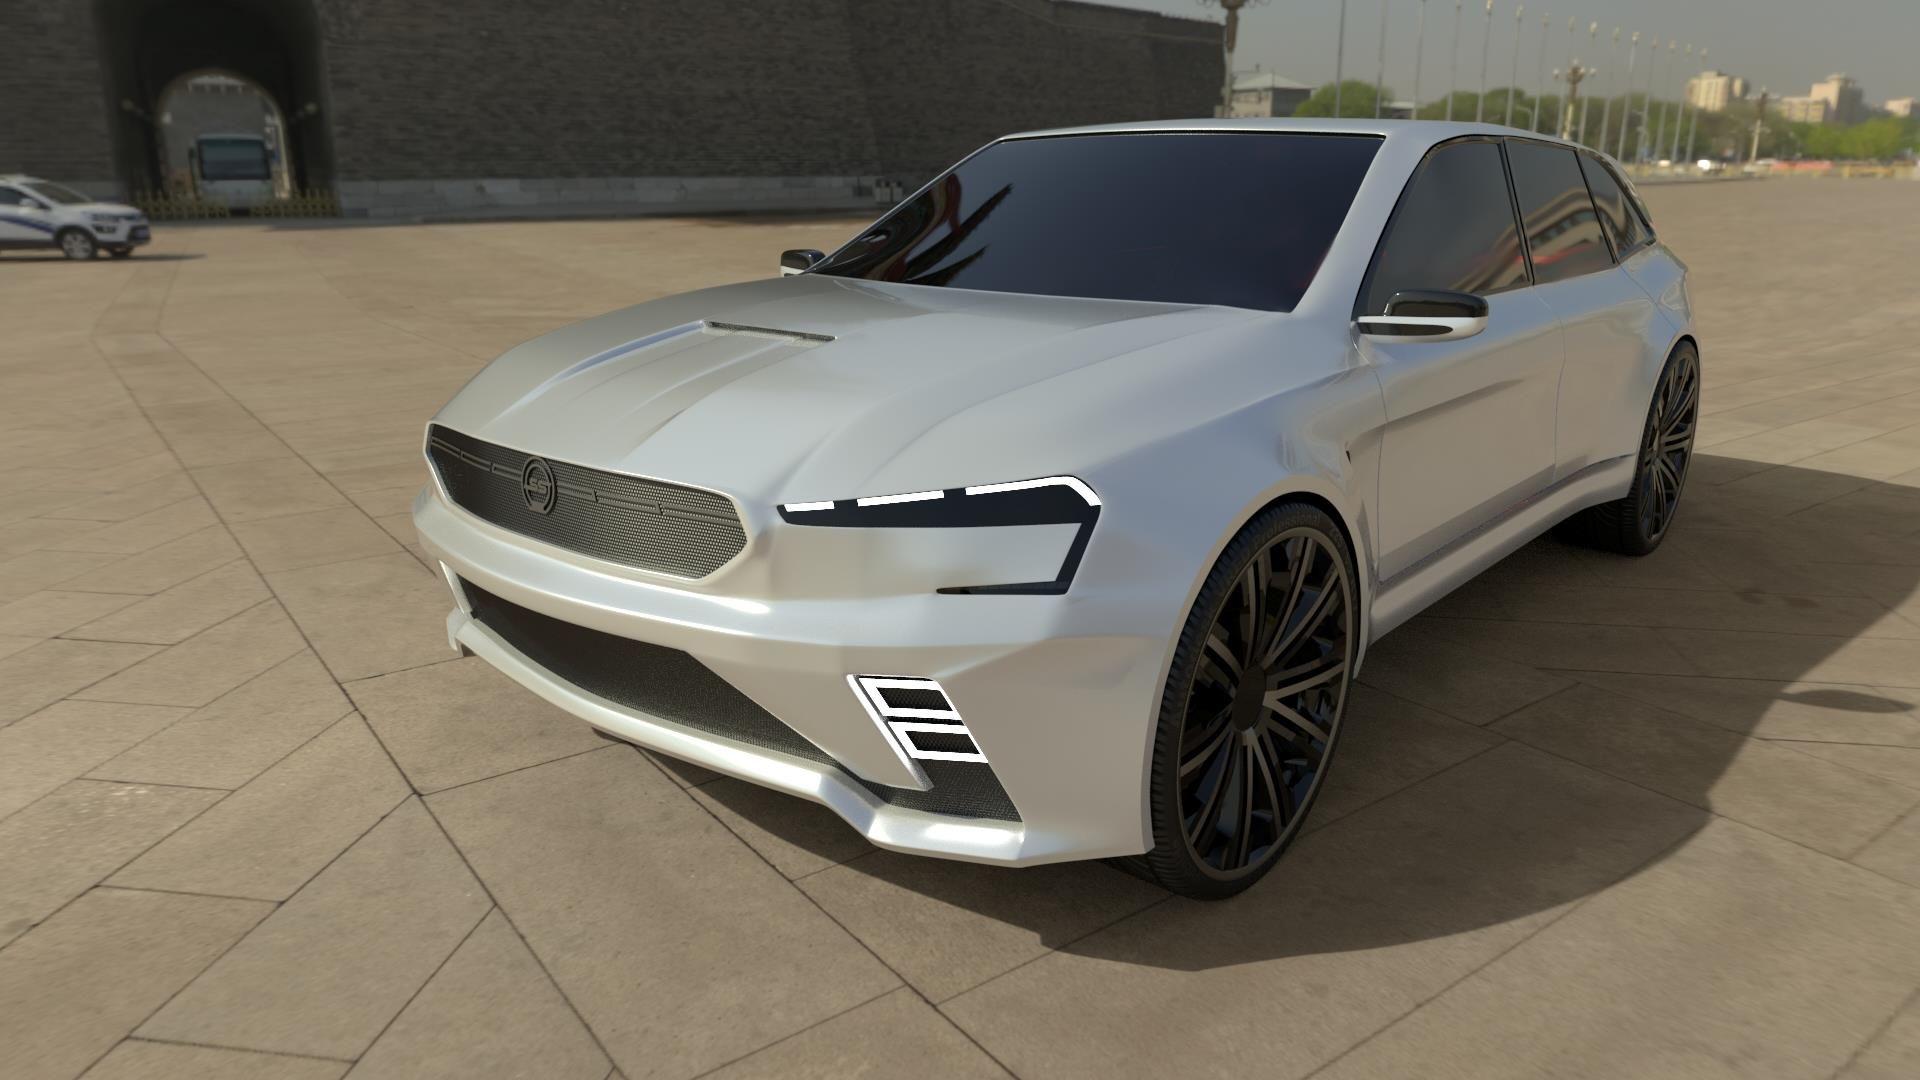 Nex4-3500-3500